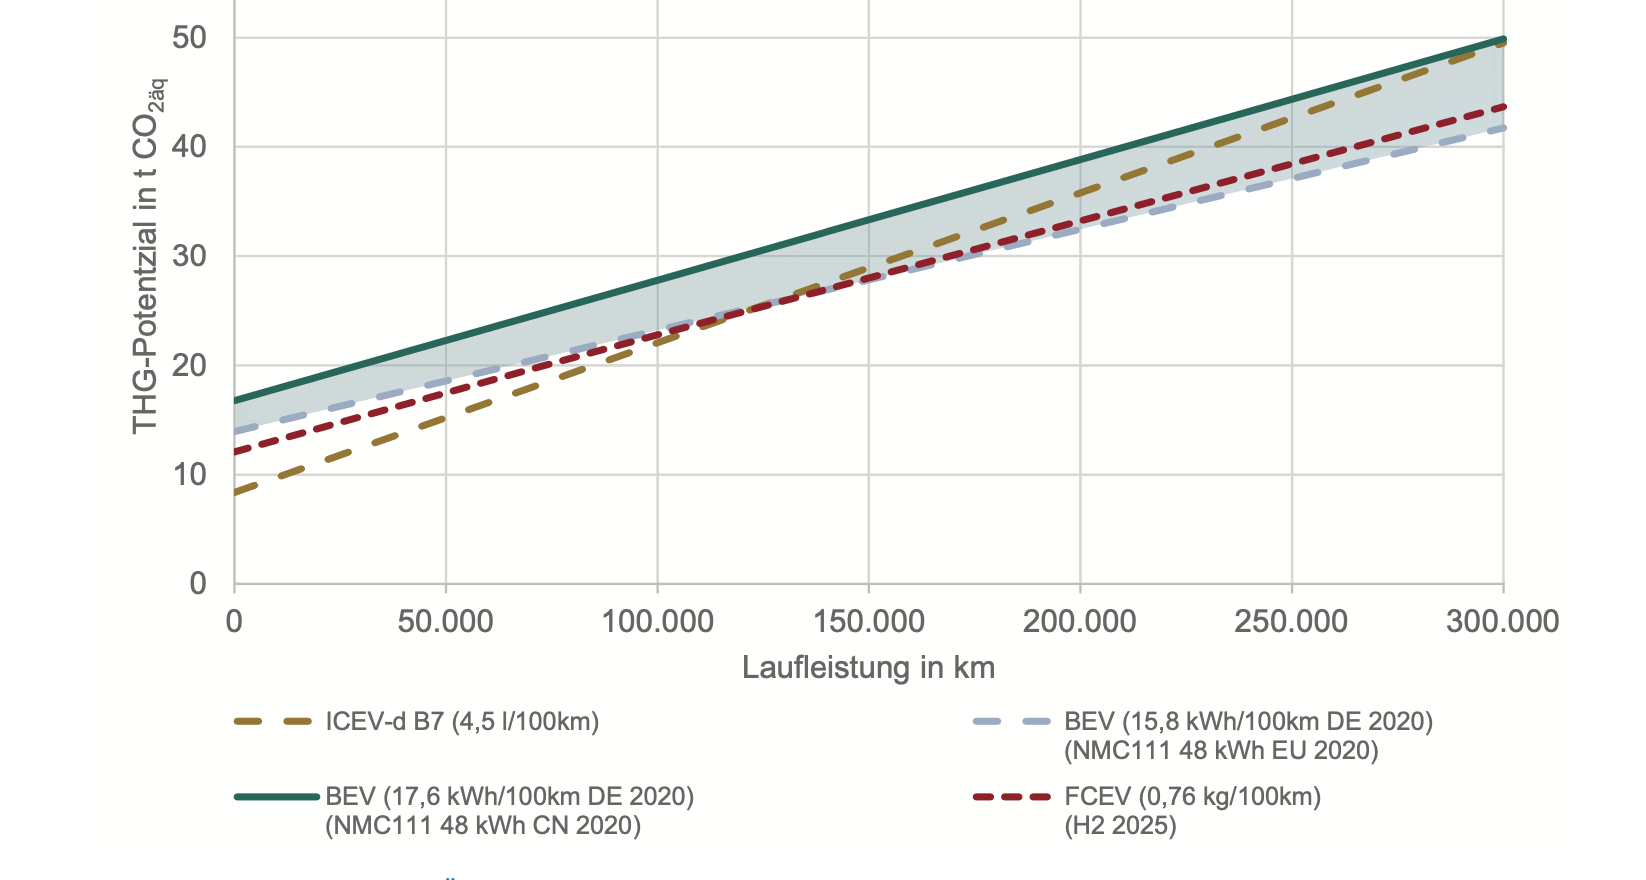 VDI-Studie zu Treibhausgas-Potenzialen verschiedener Antriebsformen